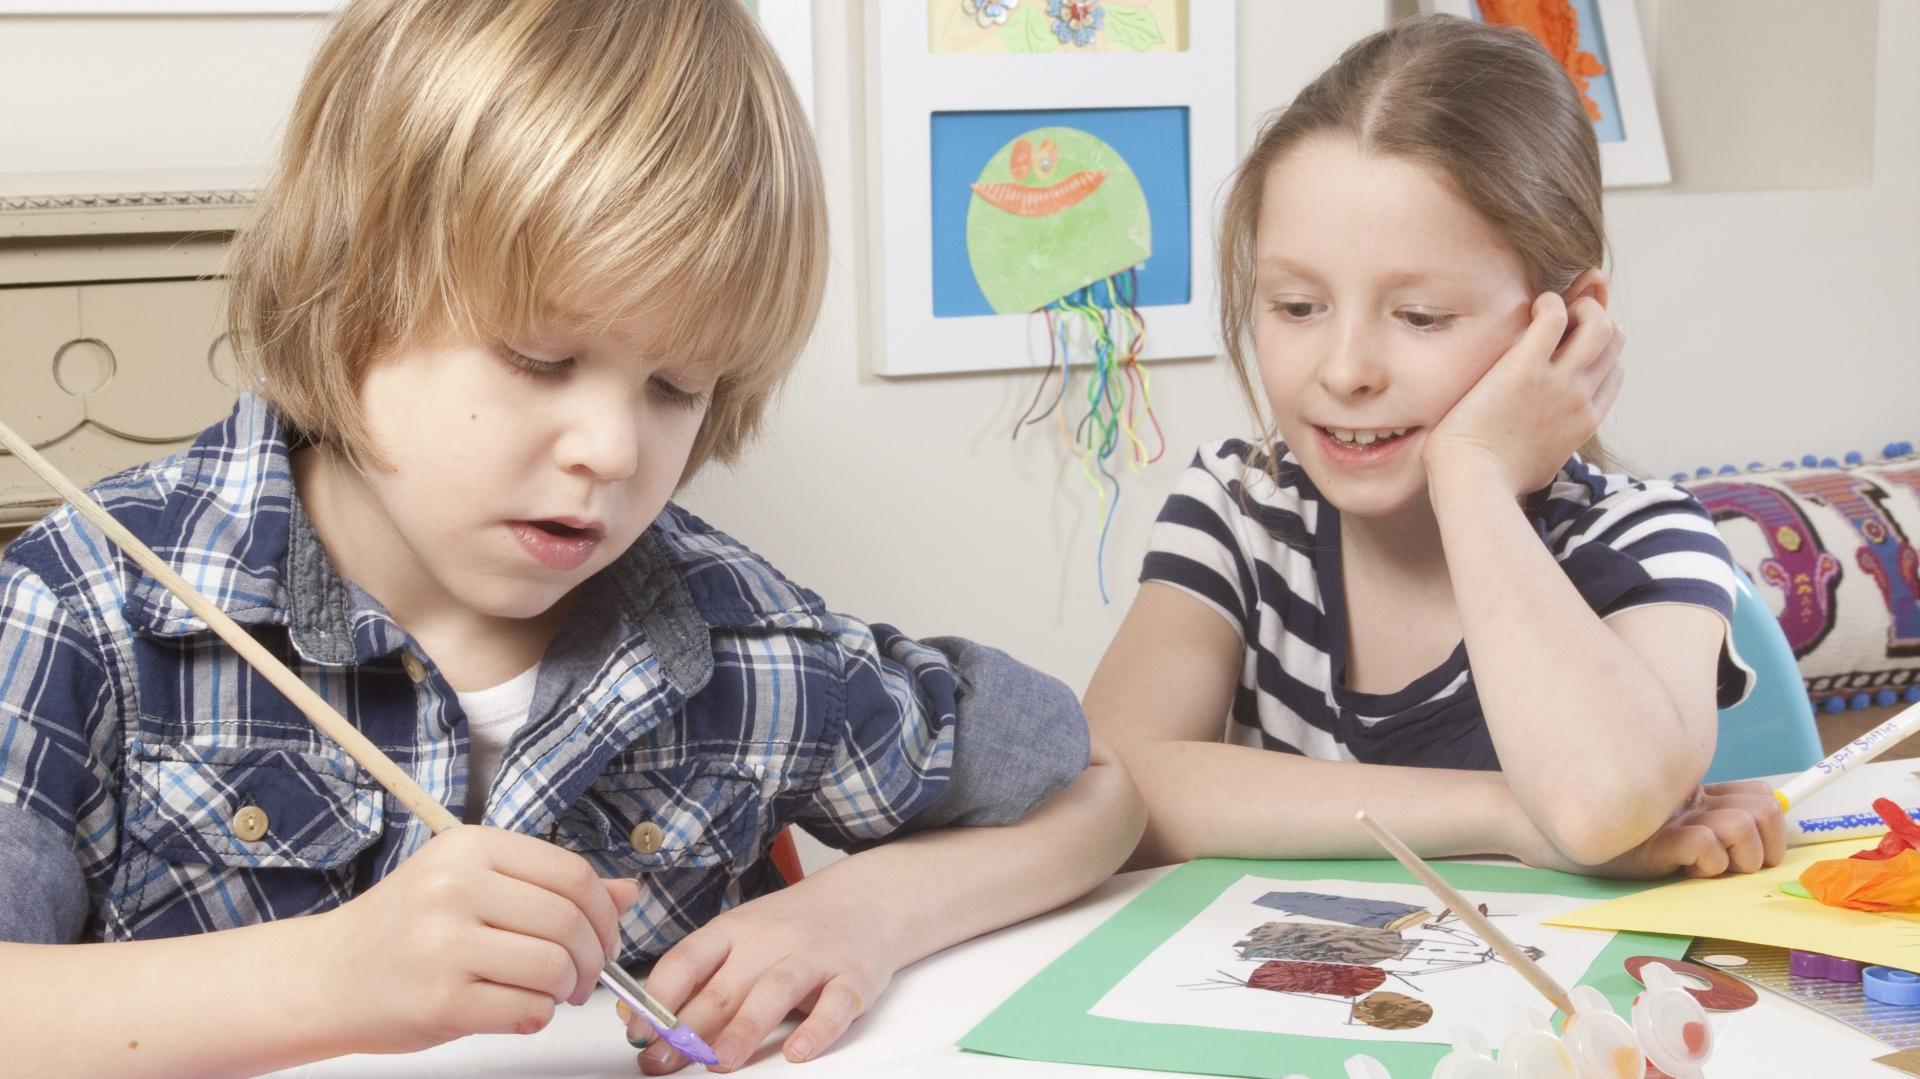 Rysowanie, malowanie czy wyklejanie w znaczącym stopniu wpływają na rozwój manualny dziecka. Fot. Articulate.